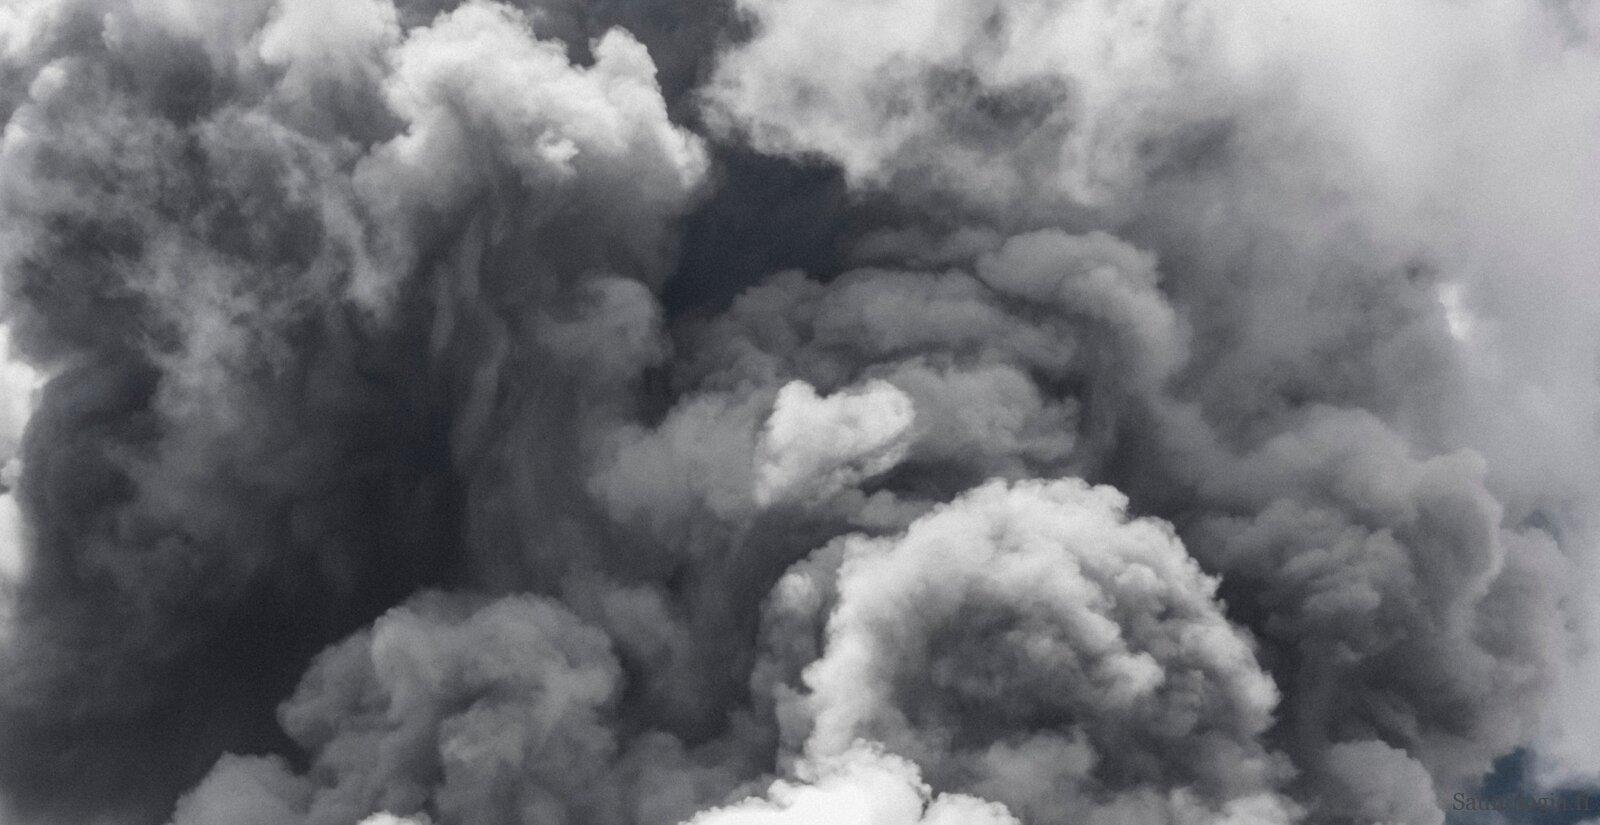 smoke-jens-johnsson-qFYBki6u3Ik-unsplash-v2